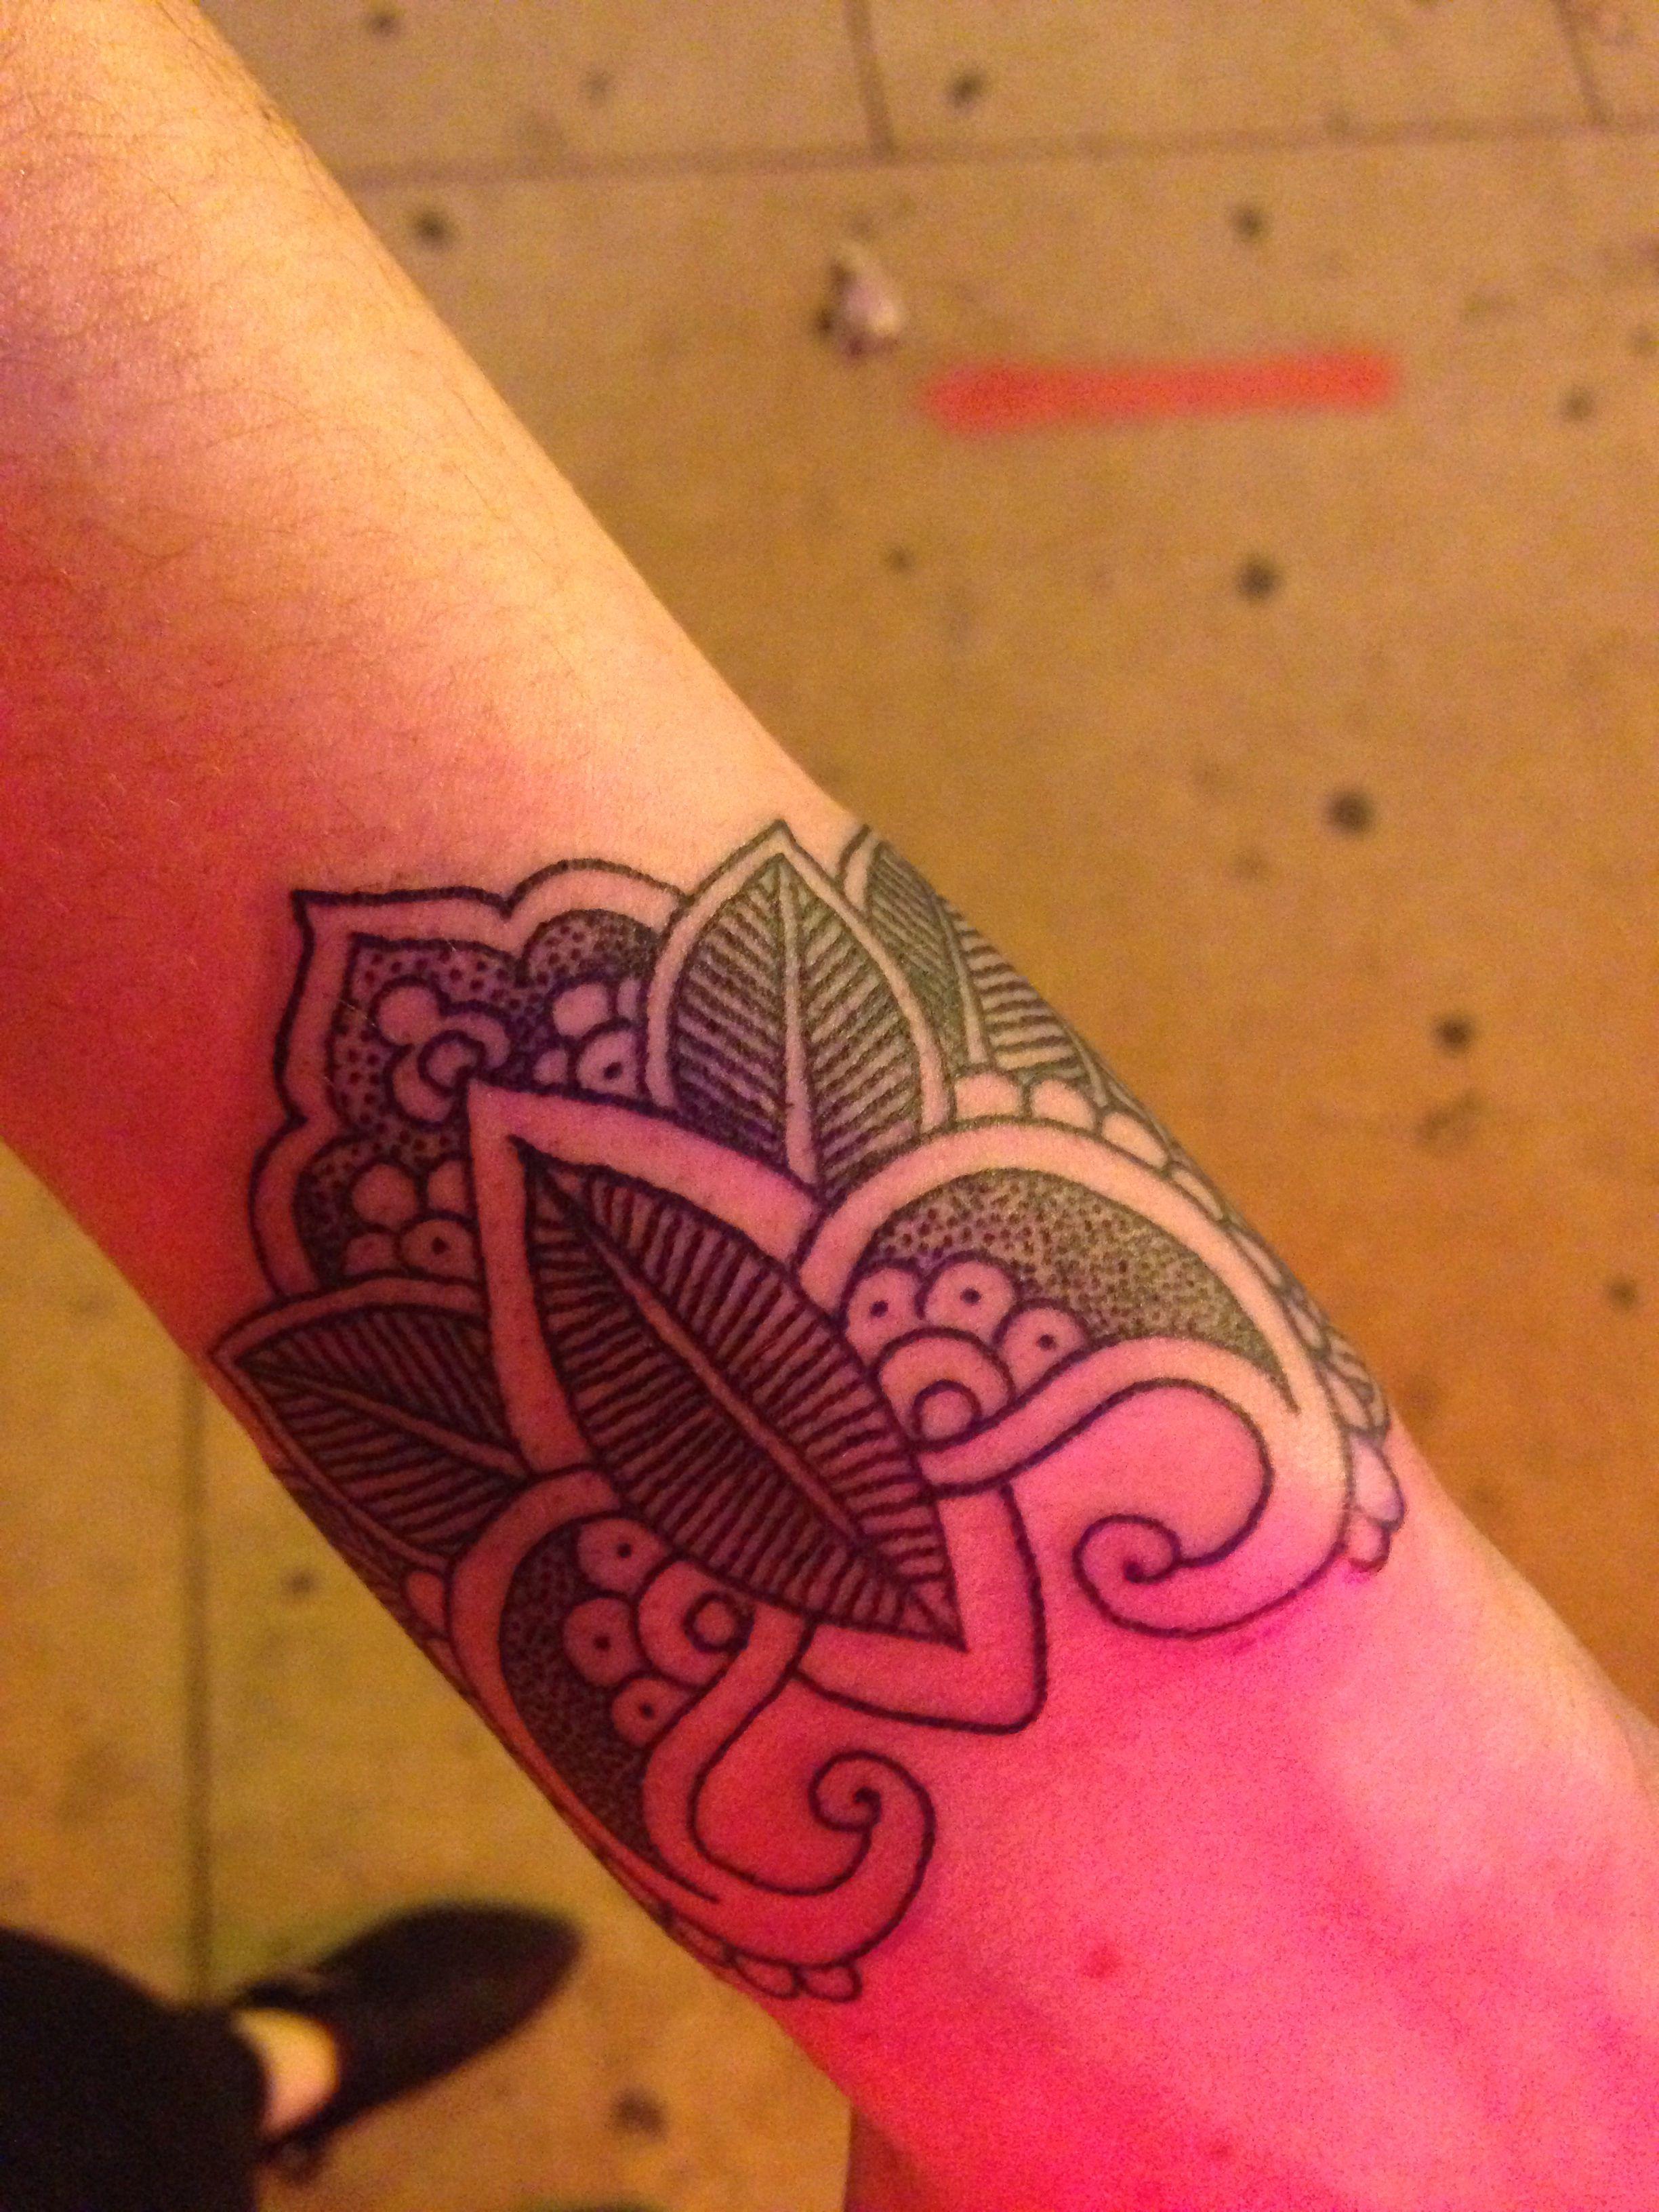 Henna Tattoo Chicago Near Me: Wrist Tattoo By Adam Scaccia At Tatu Tattoo In Chicago